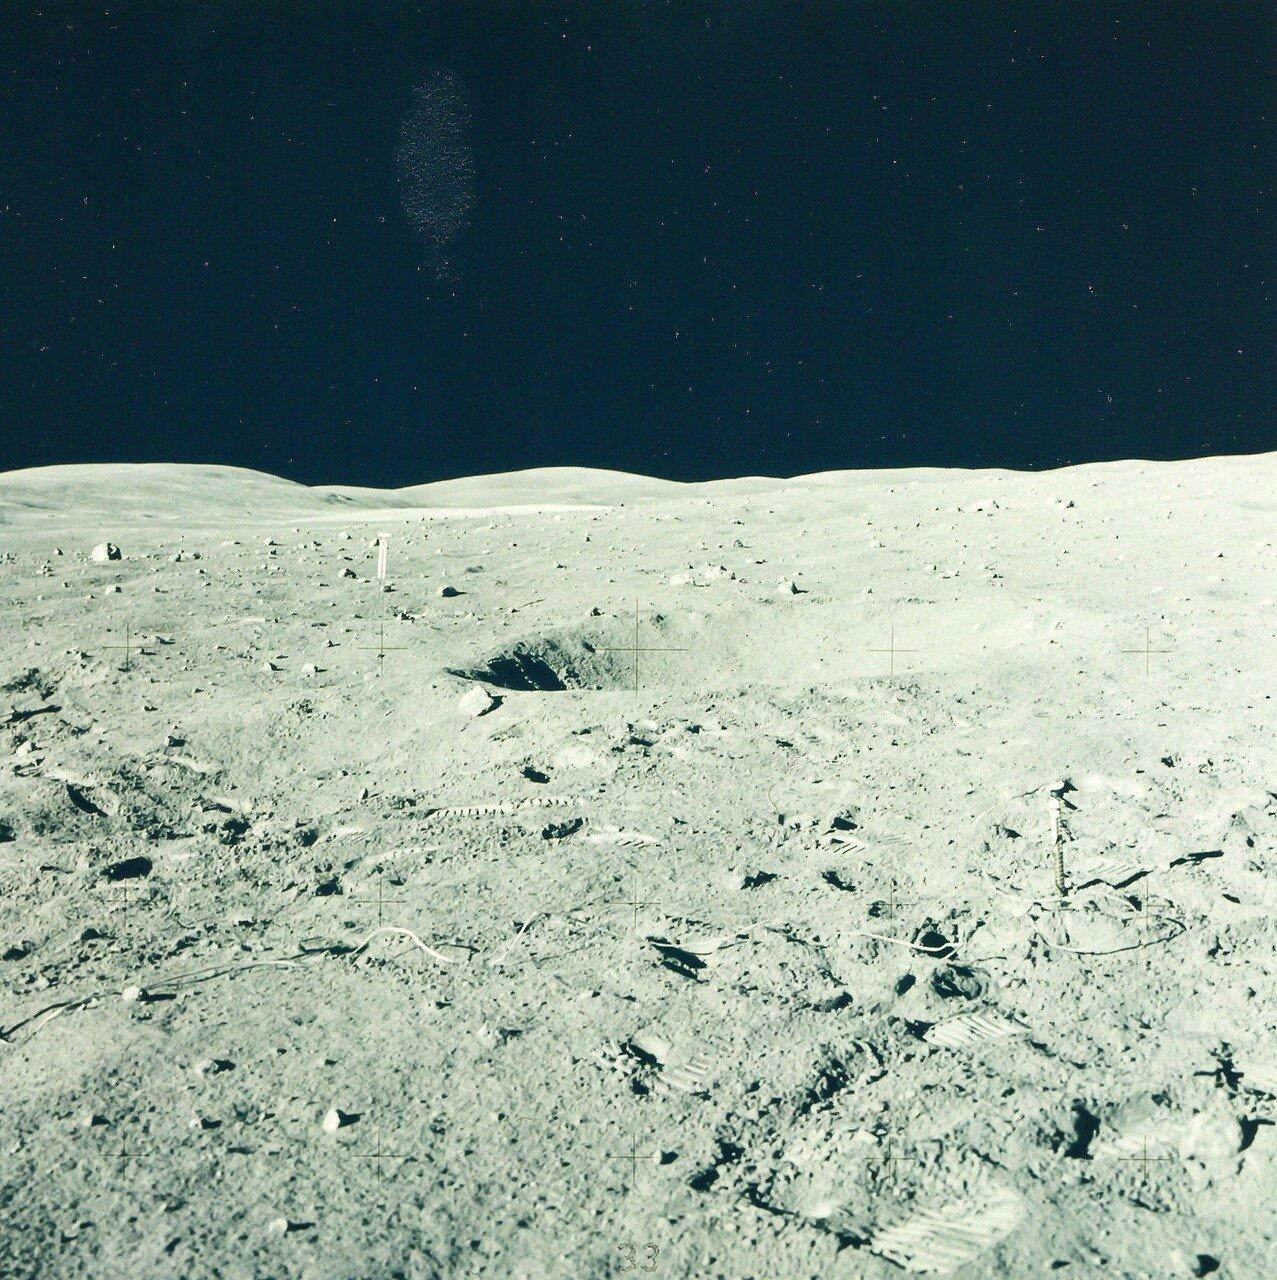 Янг с помощью троса с крючком опустил на лунную поверхность чемоданчик с фотокамерами и начал спускаться по лестнице. На снимке: место посадки